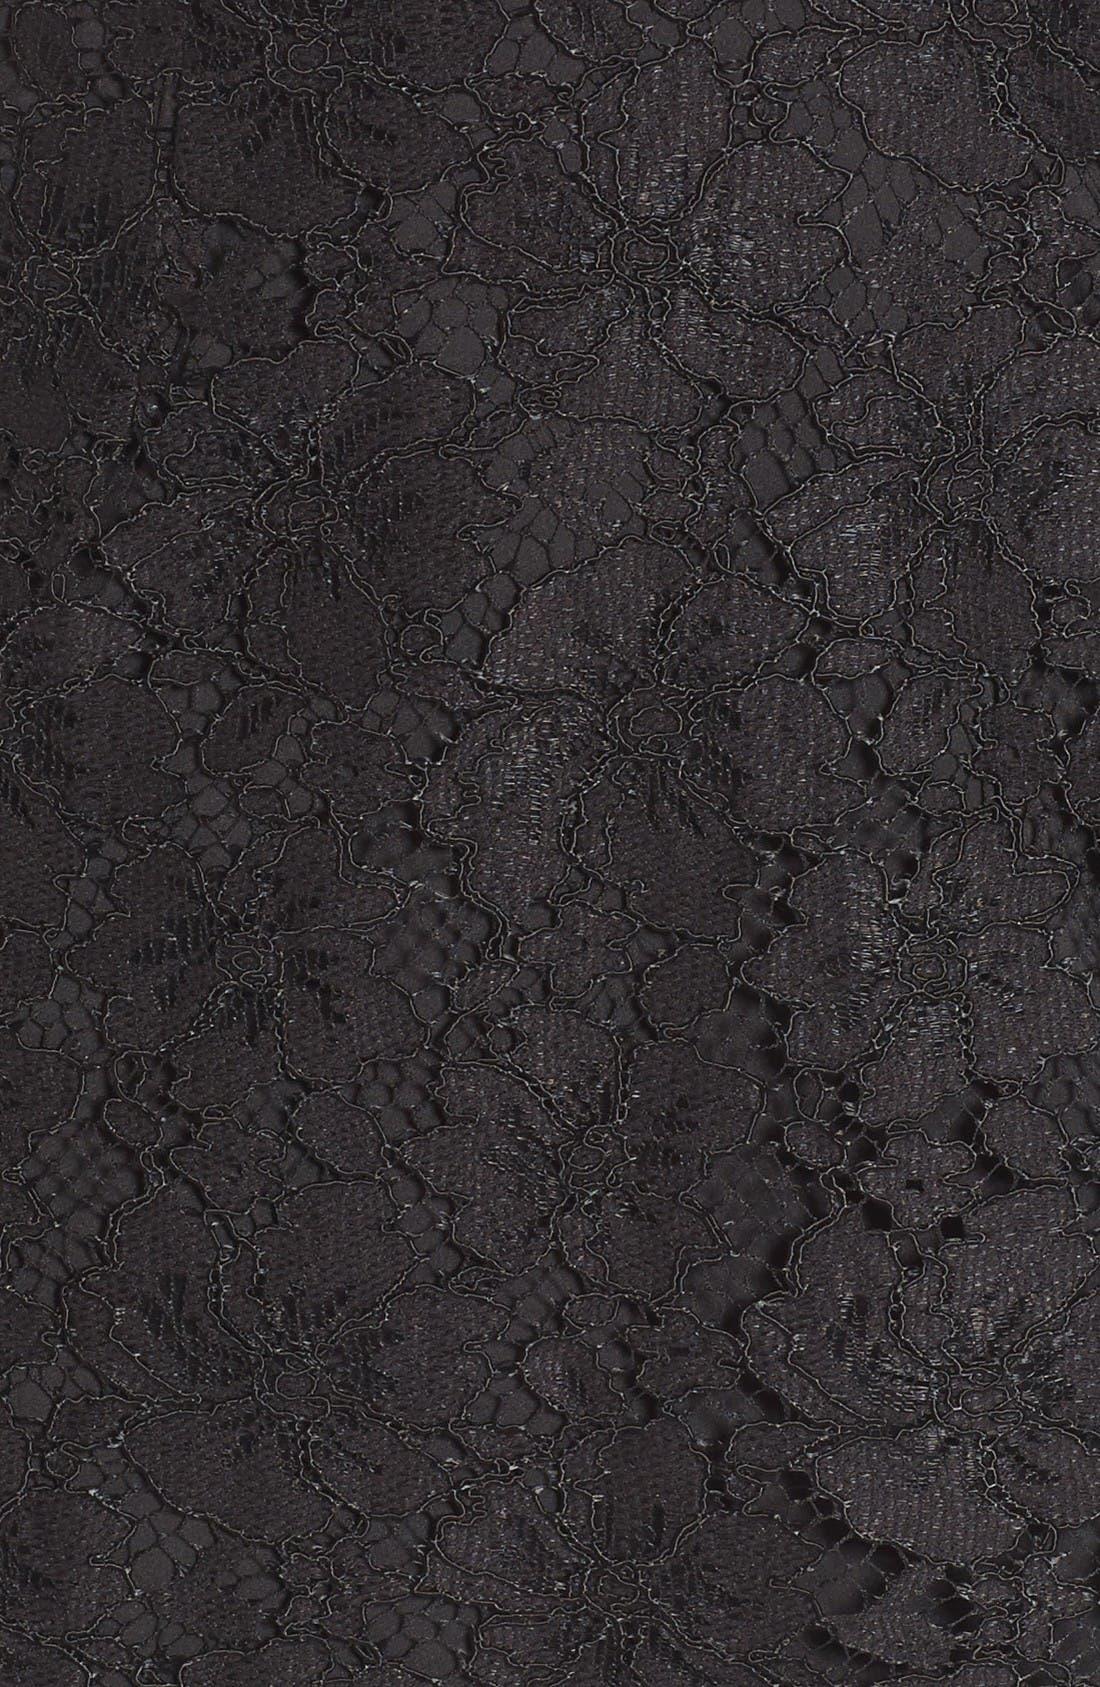 Say It Out Loud Lace Dress,                             Alternate thumbnail 9, color,                             Black